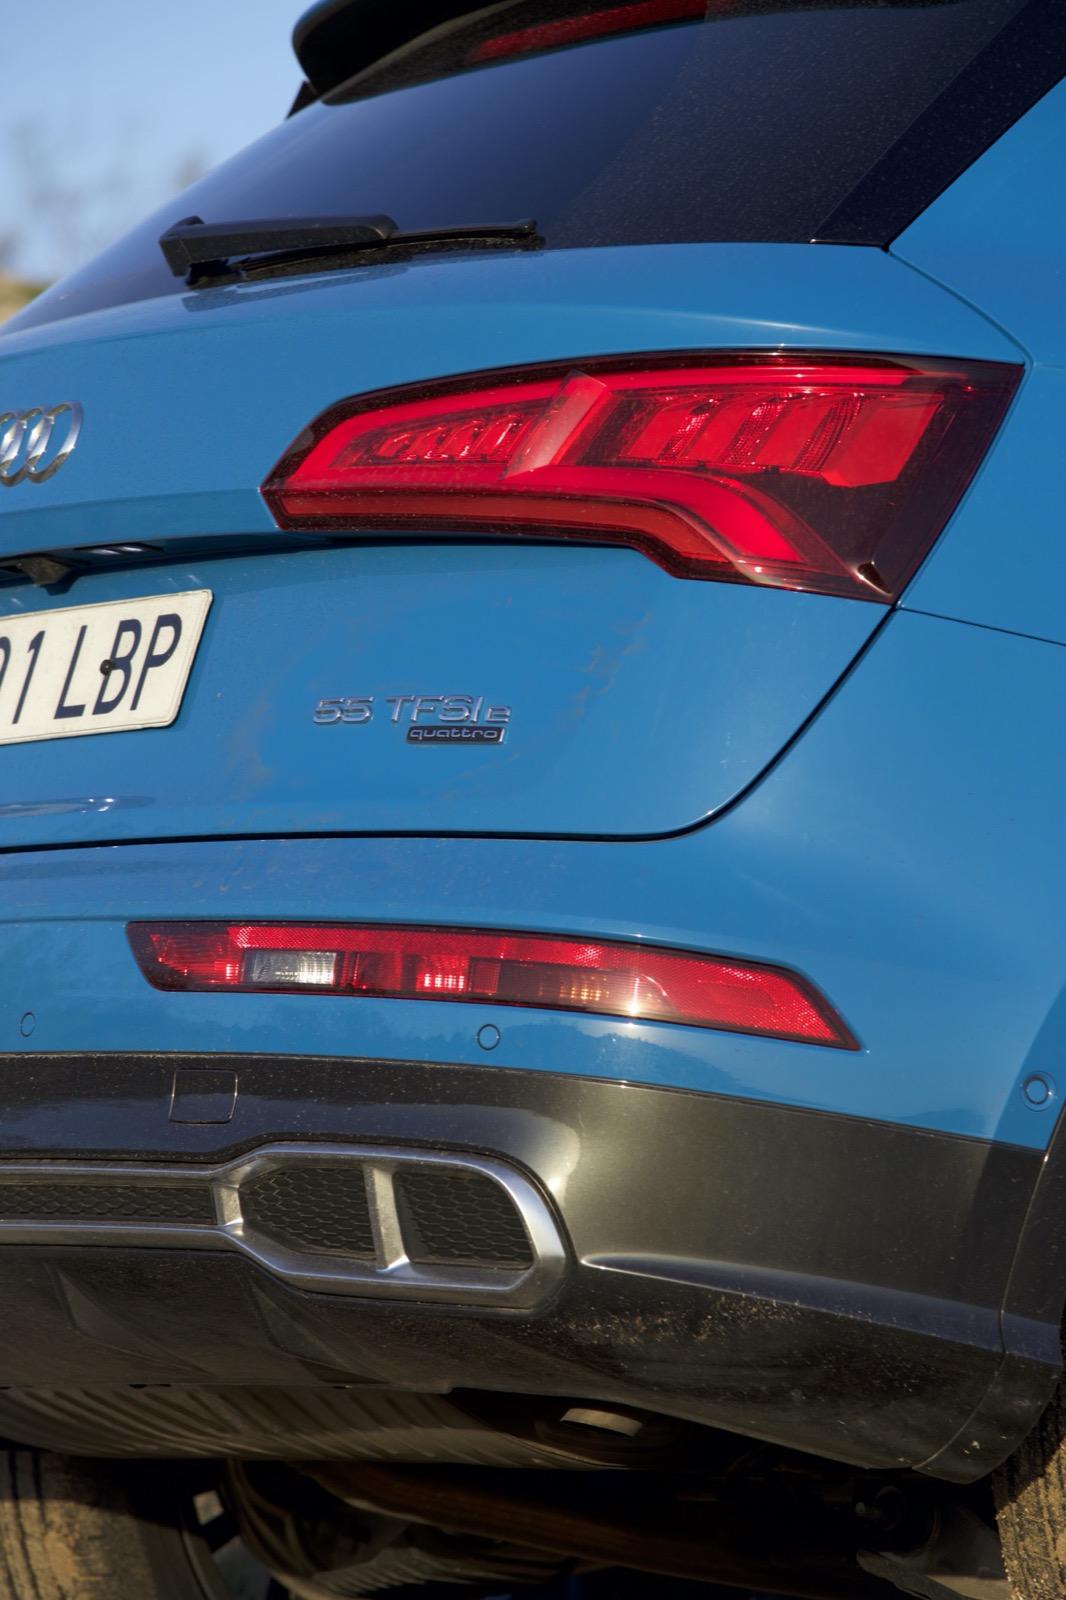 Audi Q5 Tfsie 36